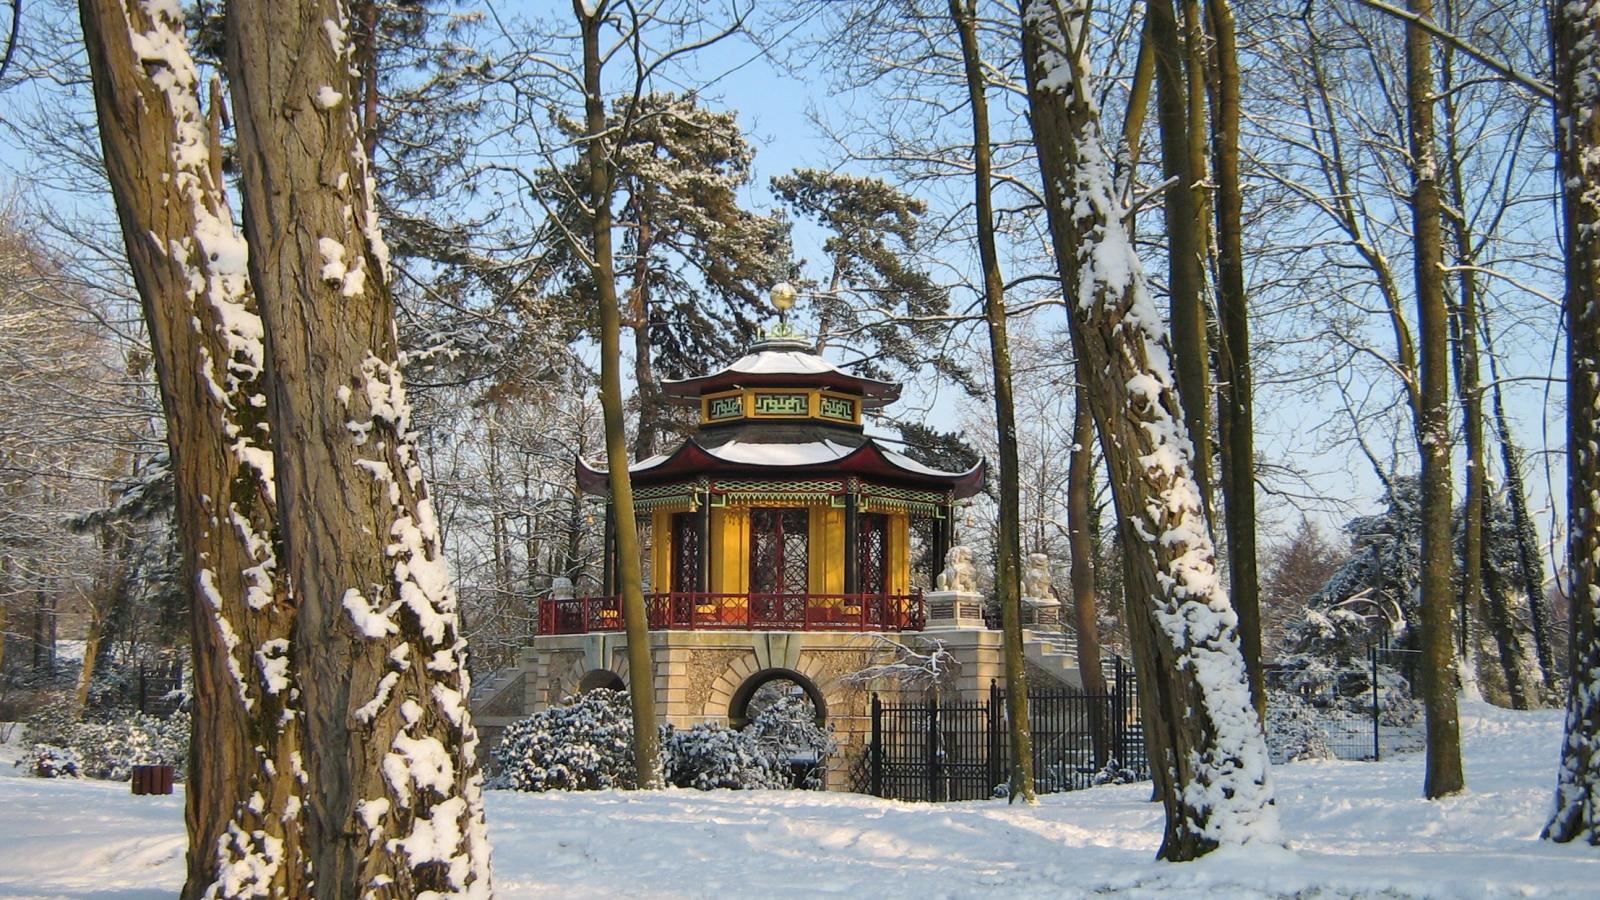 Photo du Pavillon chinois de L'Île Adam dans le Val d'Oise, sous la neige, pendant l'hiver.